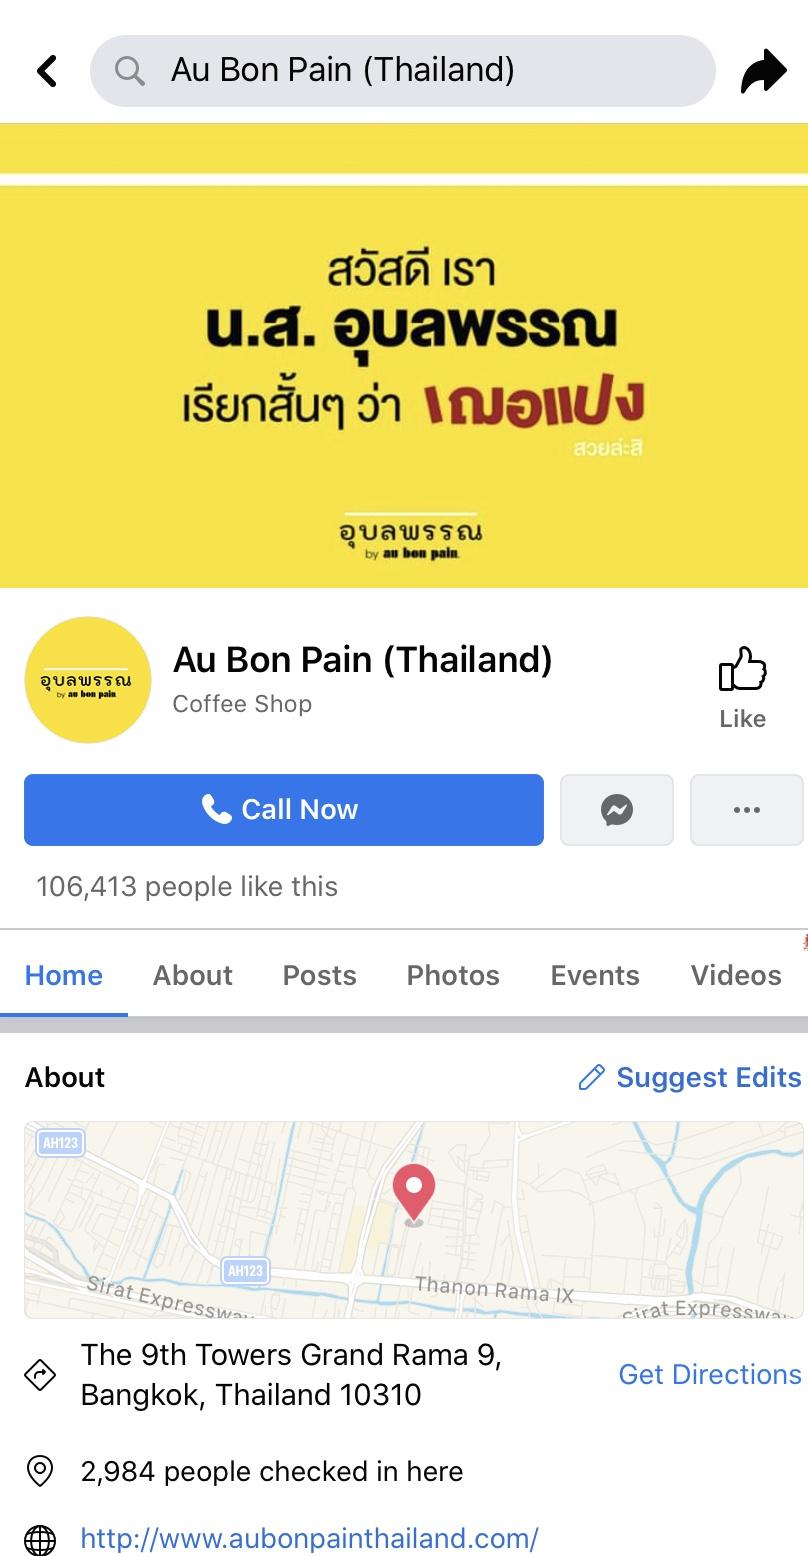 ภาพจากเพจ Au Bon Pain (Thailand)